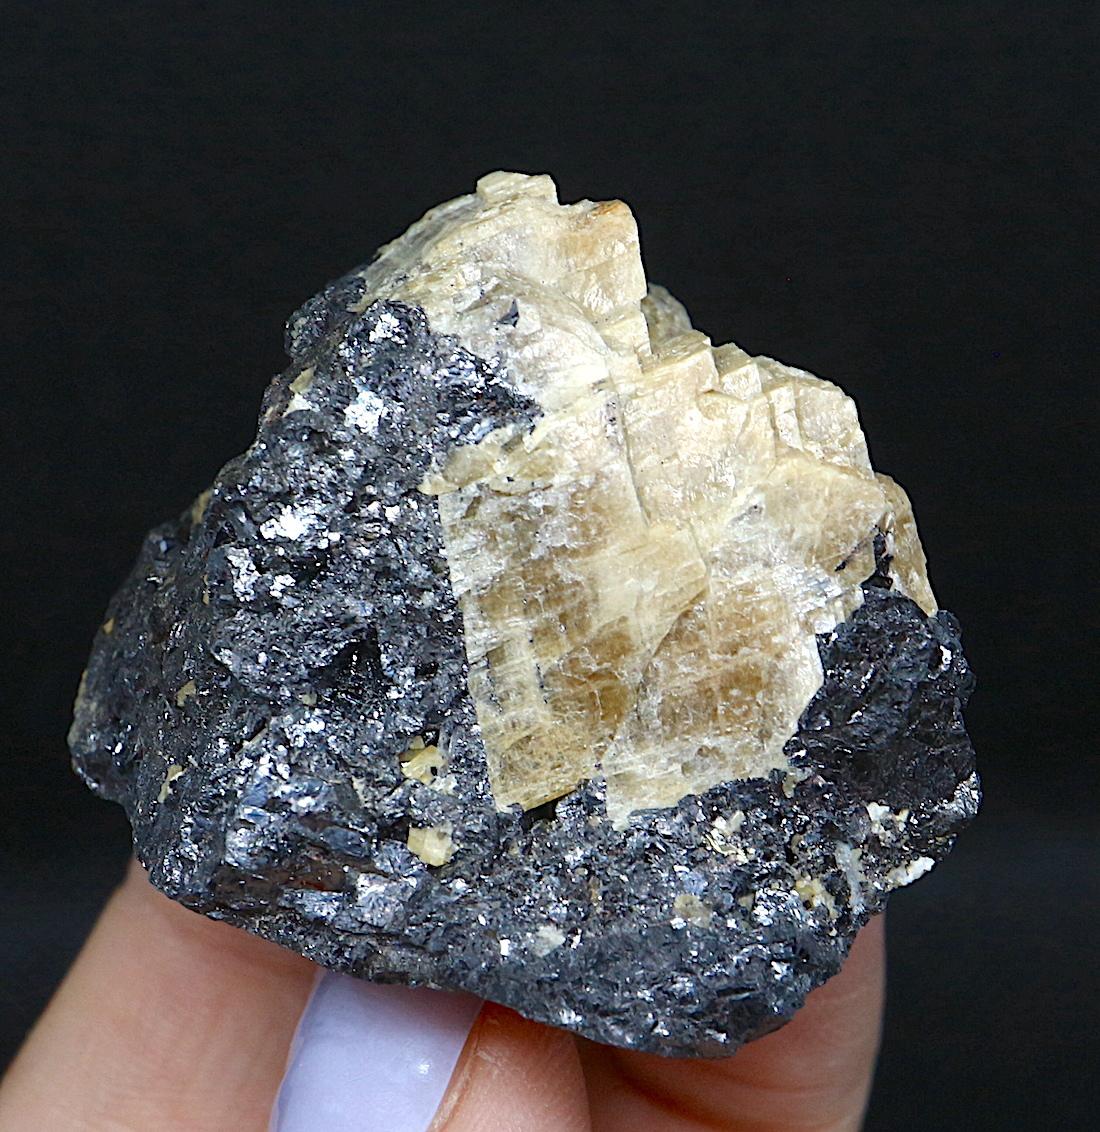 シデライト + 閃亜鉛鉱 カナダ産  59g SPH005  原石 鉱物 天然石 パワーストーン